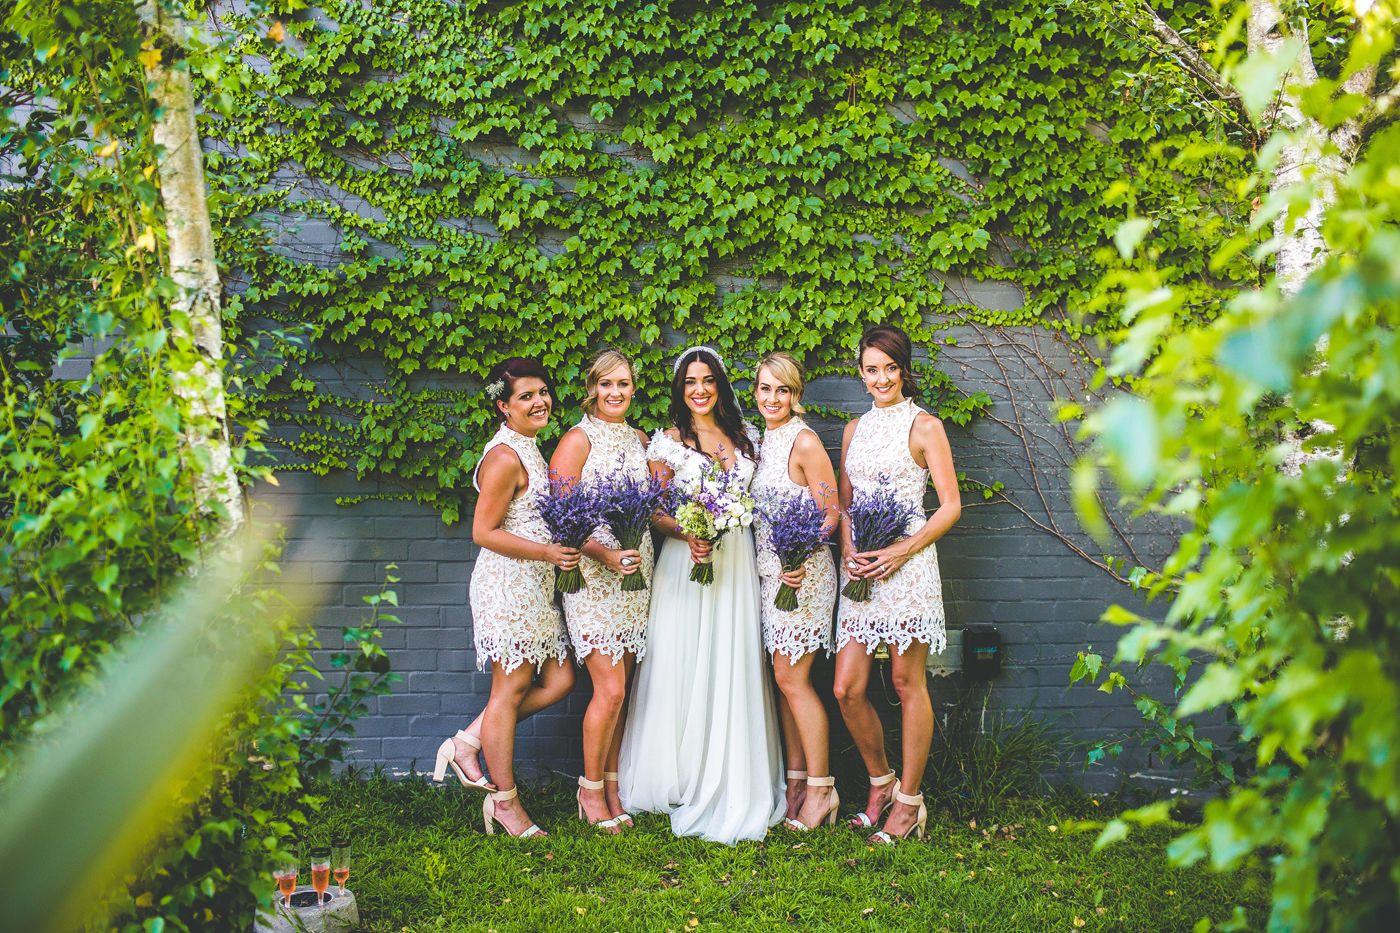 069-briars-country-lodge-wedding-ebony-rhys